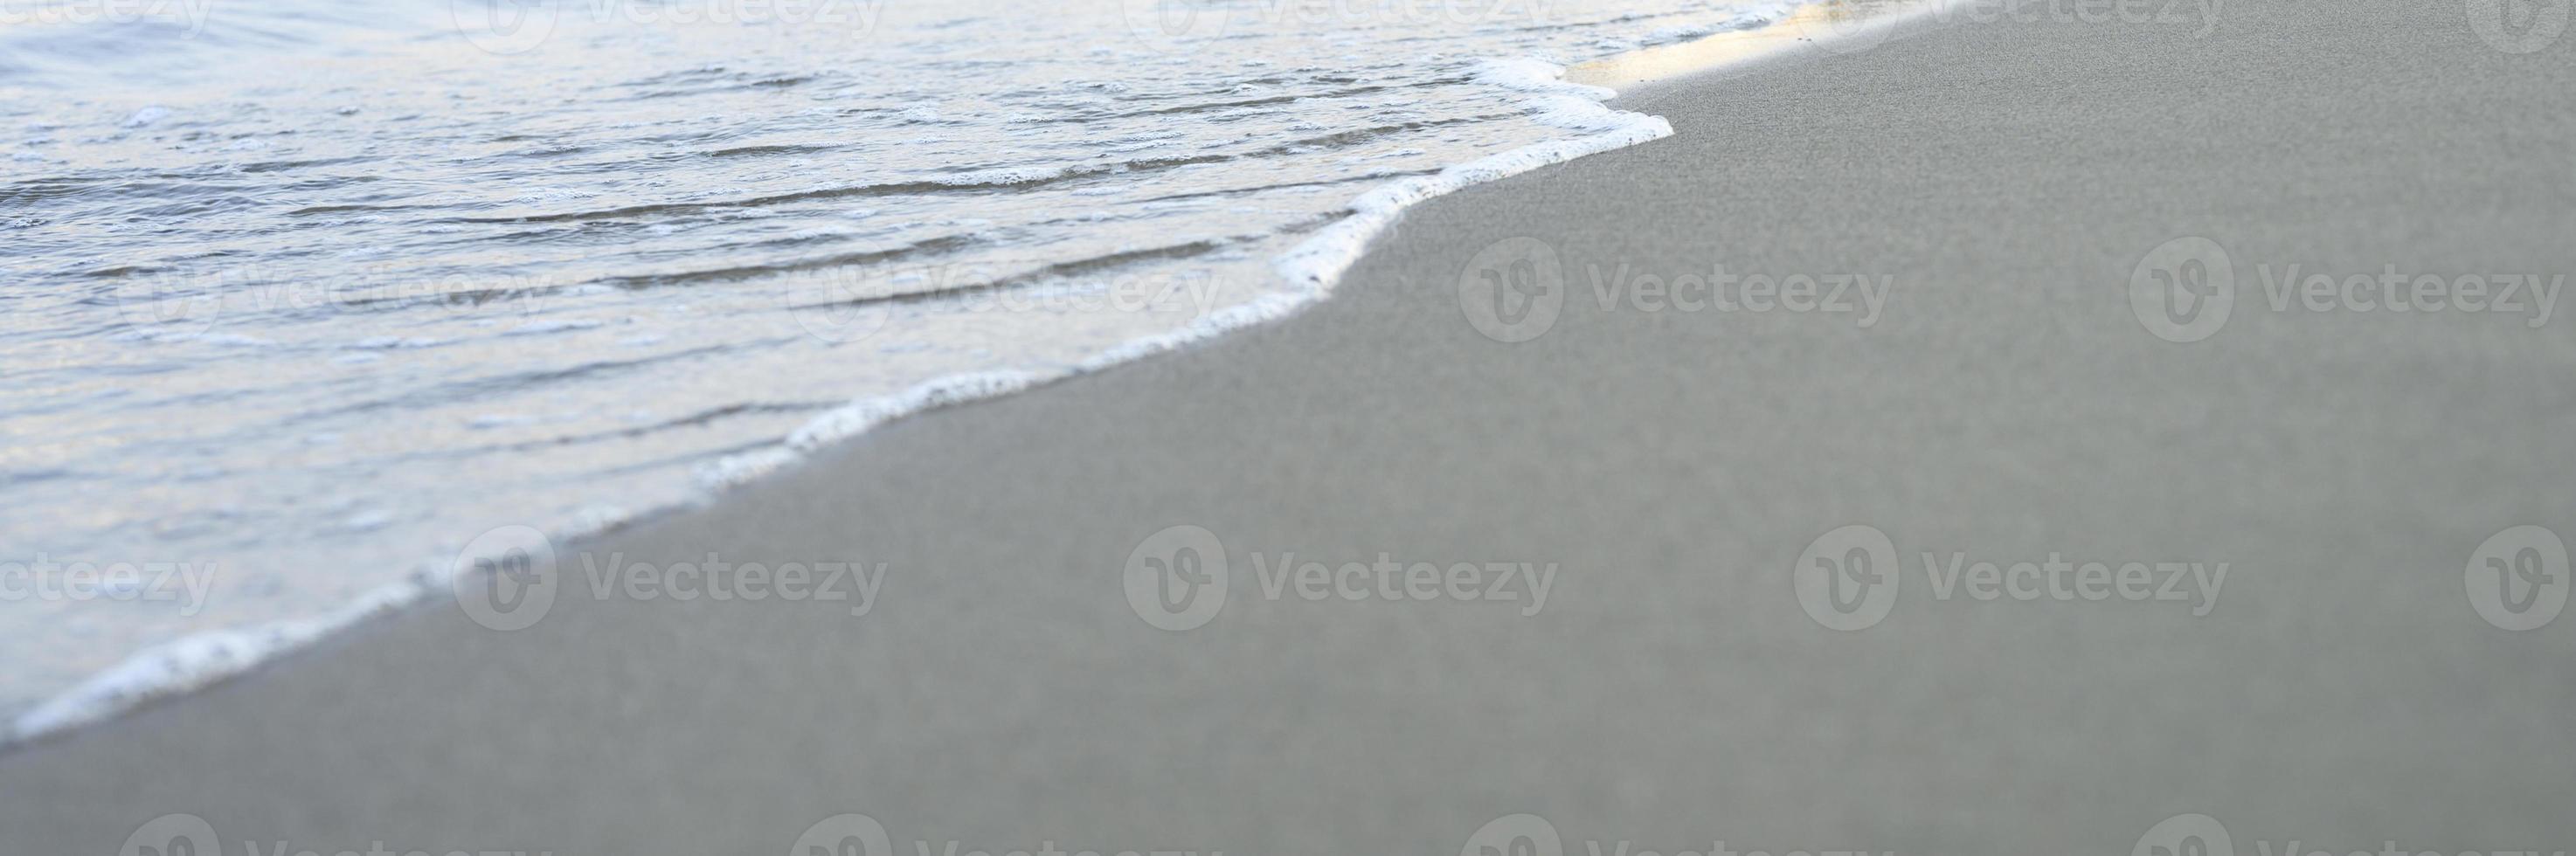 verschwommene Welle des Meeres am abendlichen Sandstrand foto